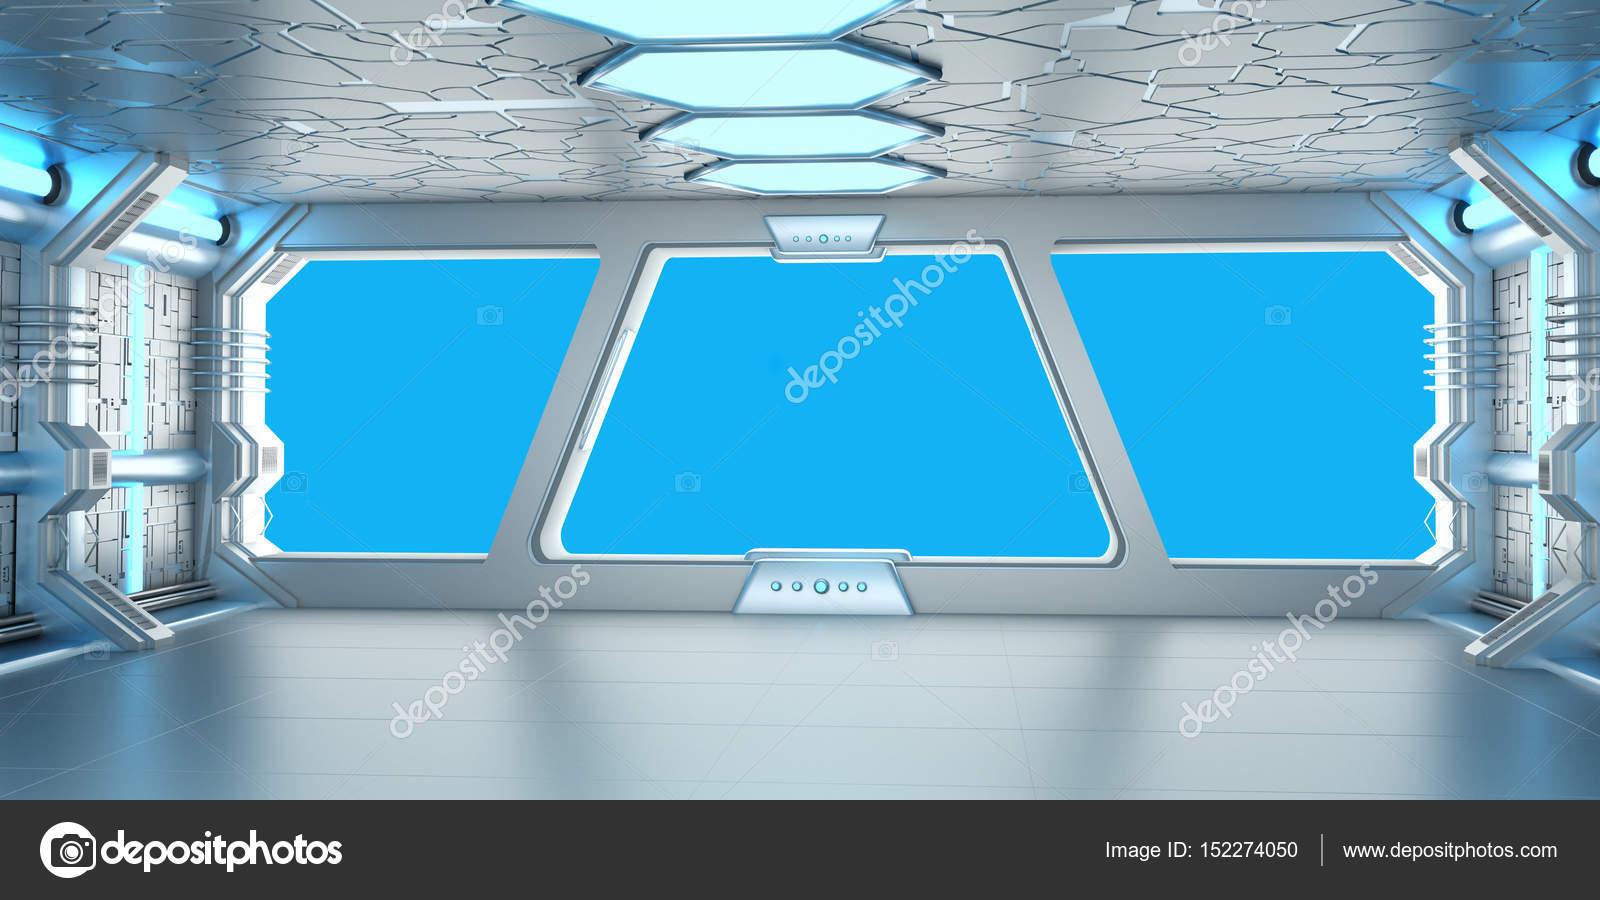 Ruimteschip blauw en wit interieur 3D-rendering — Stockfoto ...